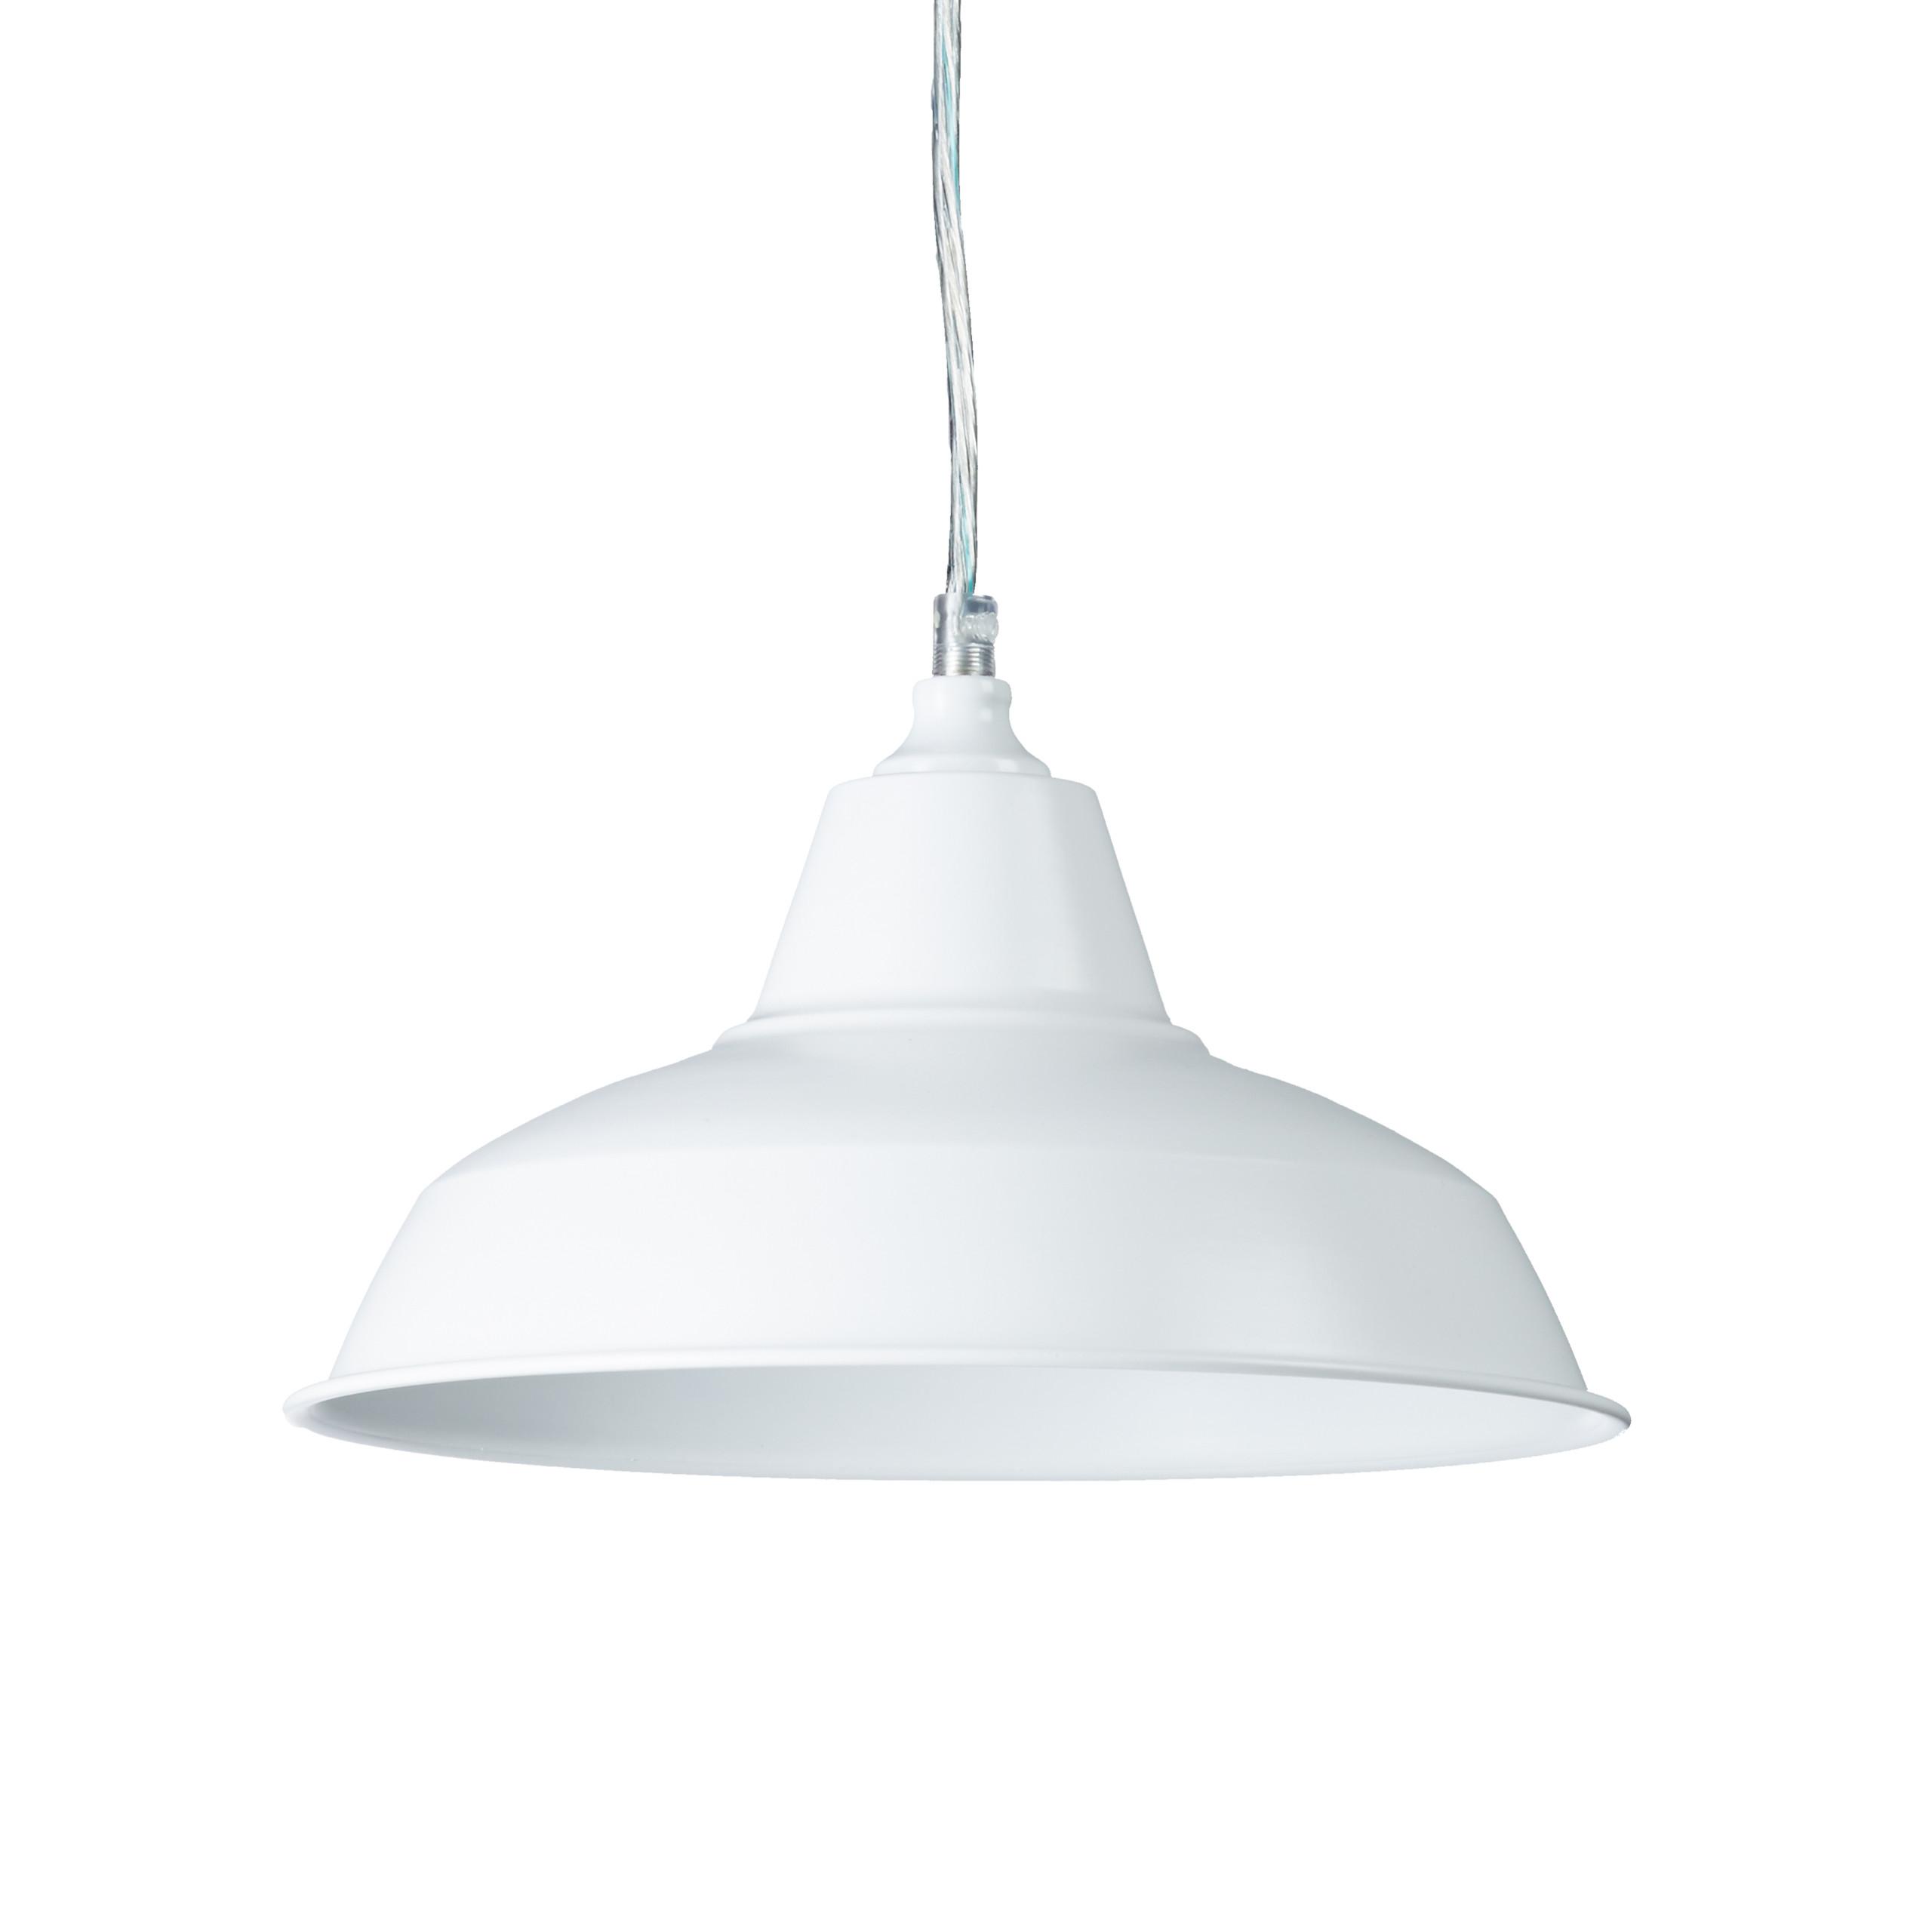 Lampadario-da-soffitto-lampadario-per-soffitto-lampadario-soffitto-bianco